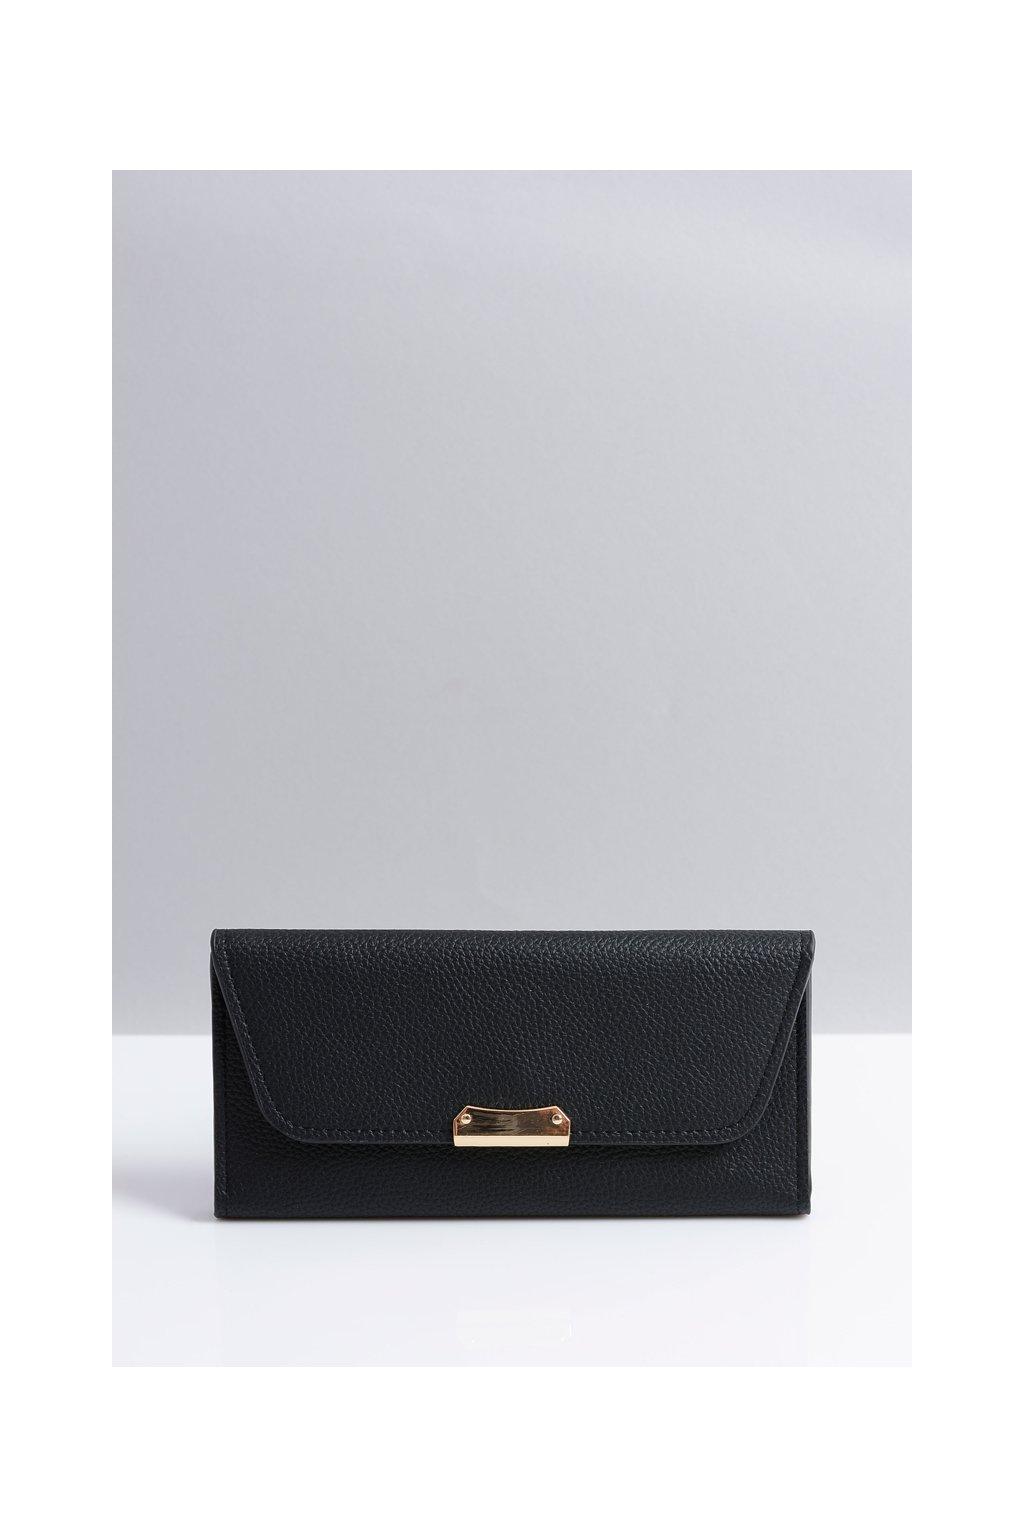 Štýlová veľká čierna dámska peňaženka